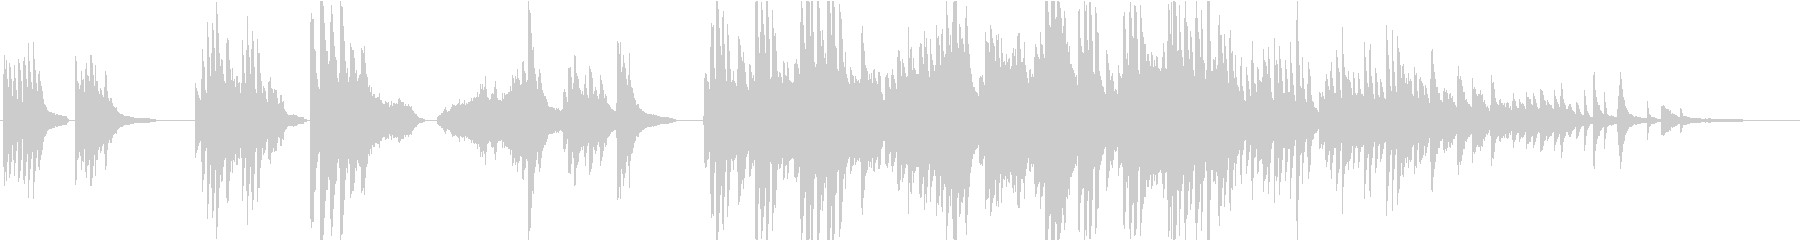 弦楽器とピアノの暖かくて優しいBGMの未再生の波形